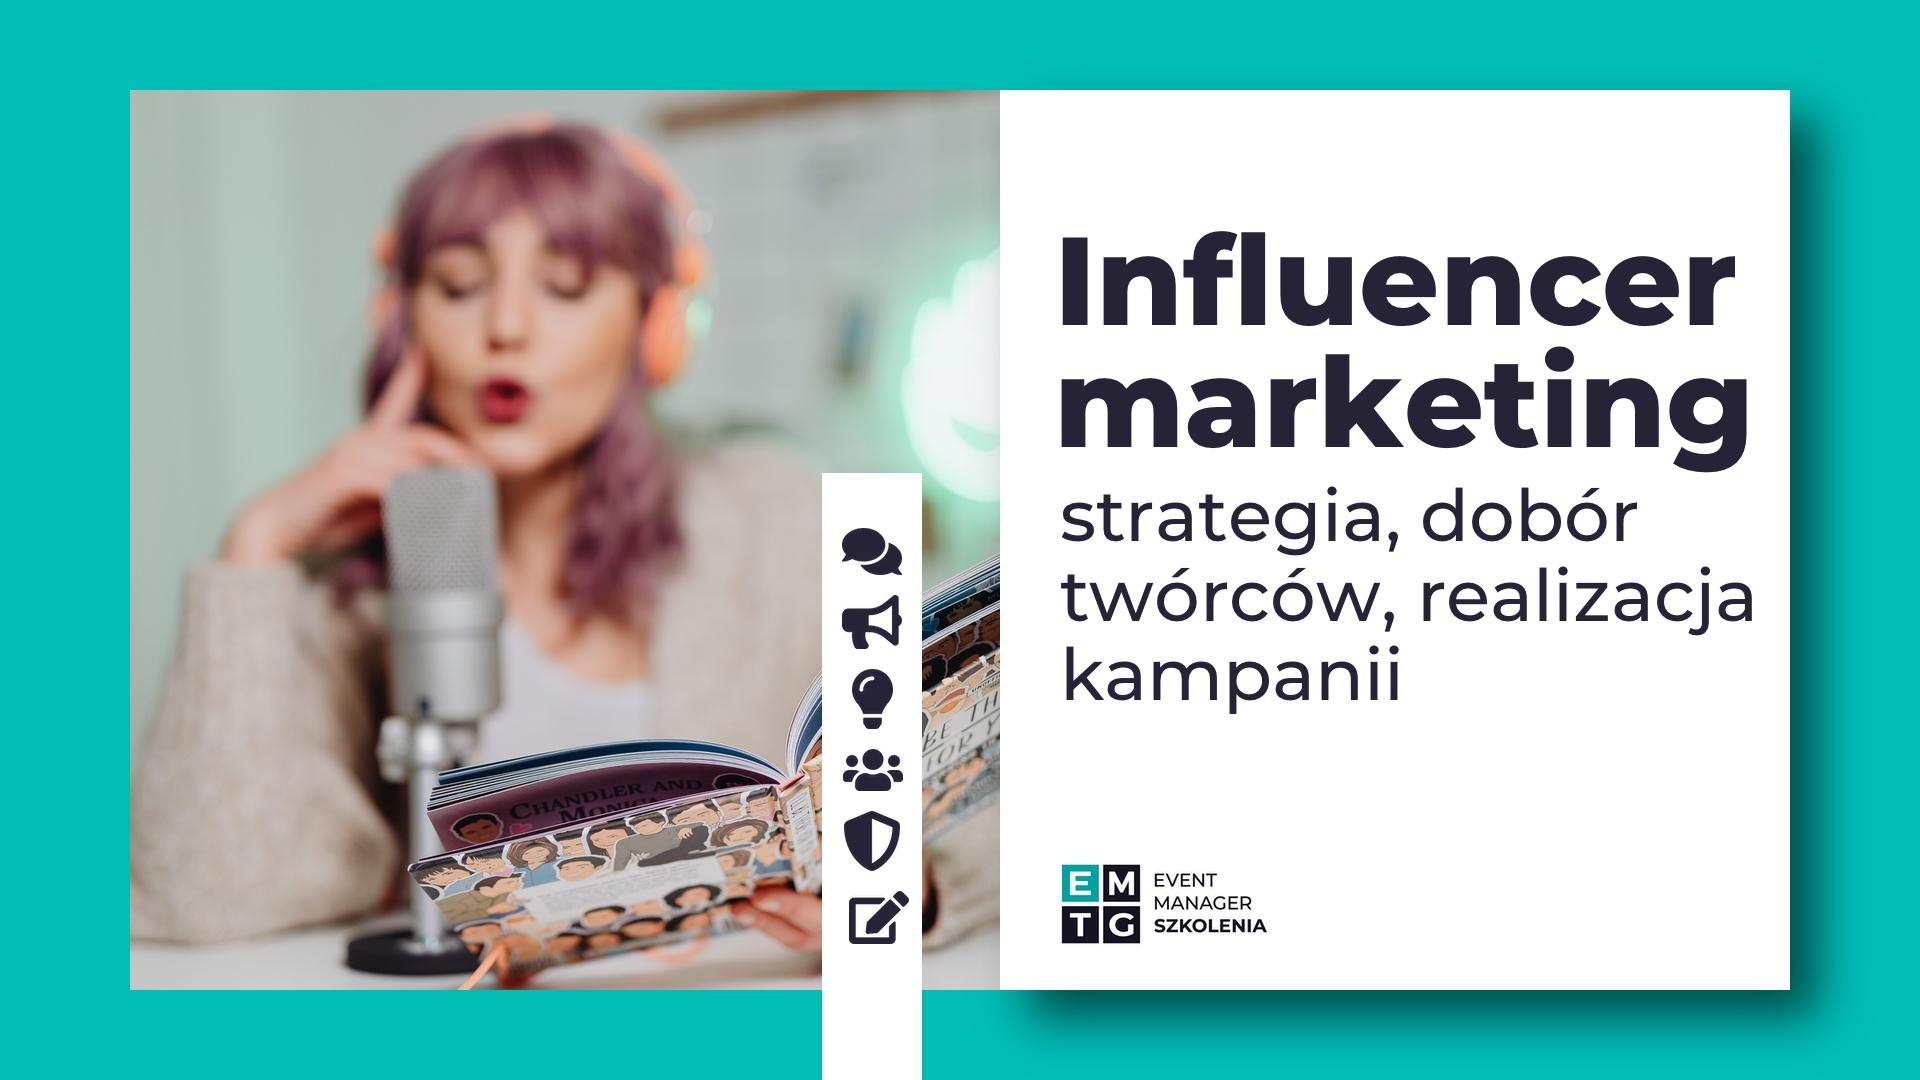 Szkolenie Influencer marketing jak współpracować z twórcami przy kampanii EMTG